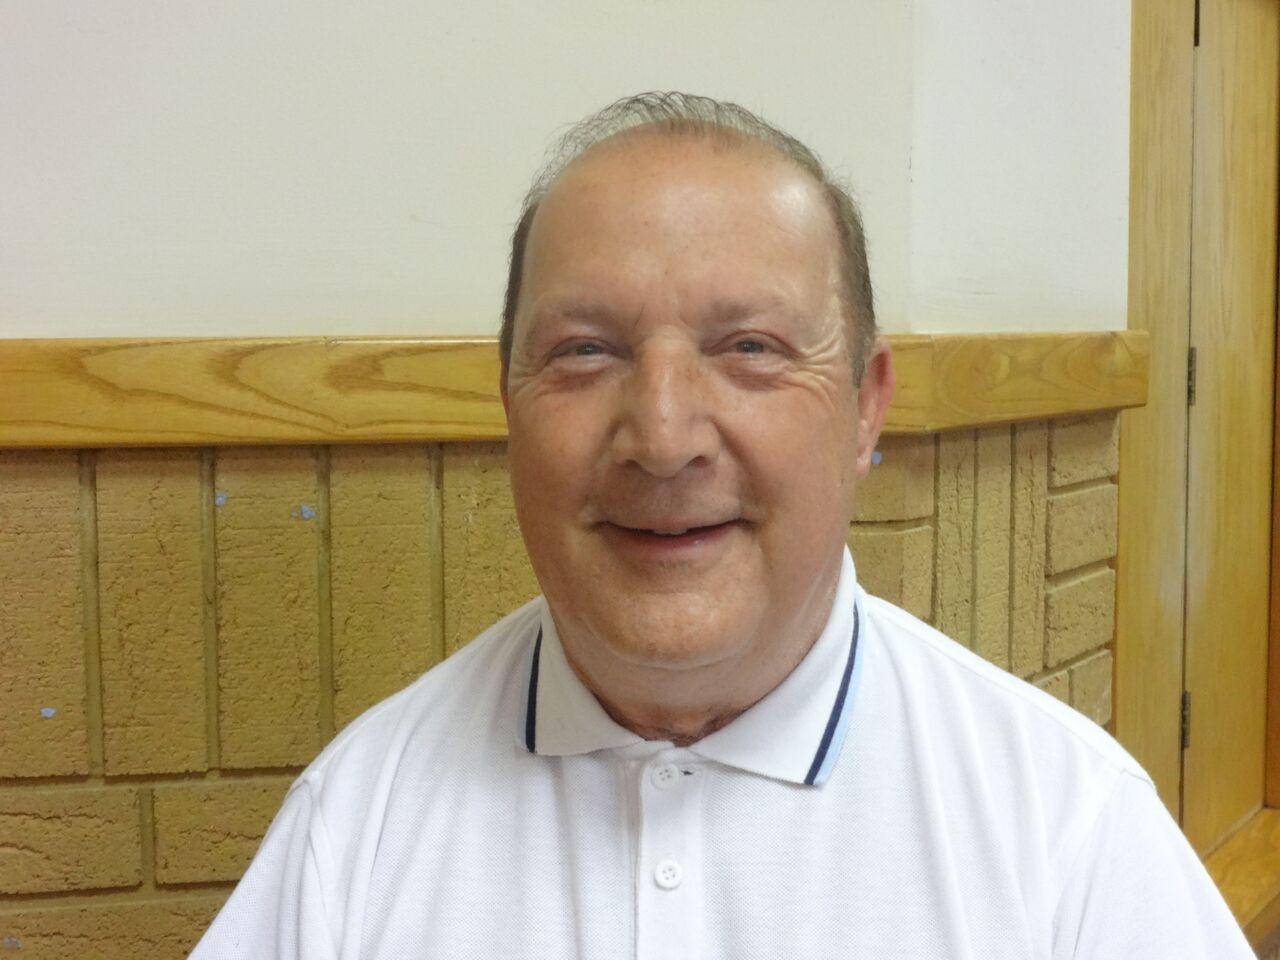 Cllr John Alvey (Conservative)